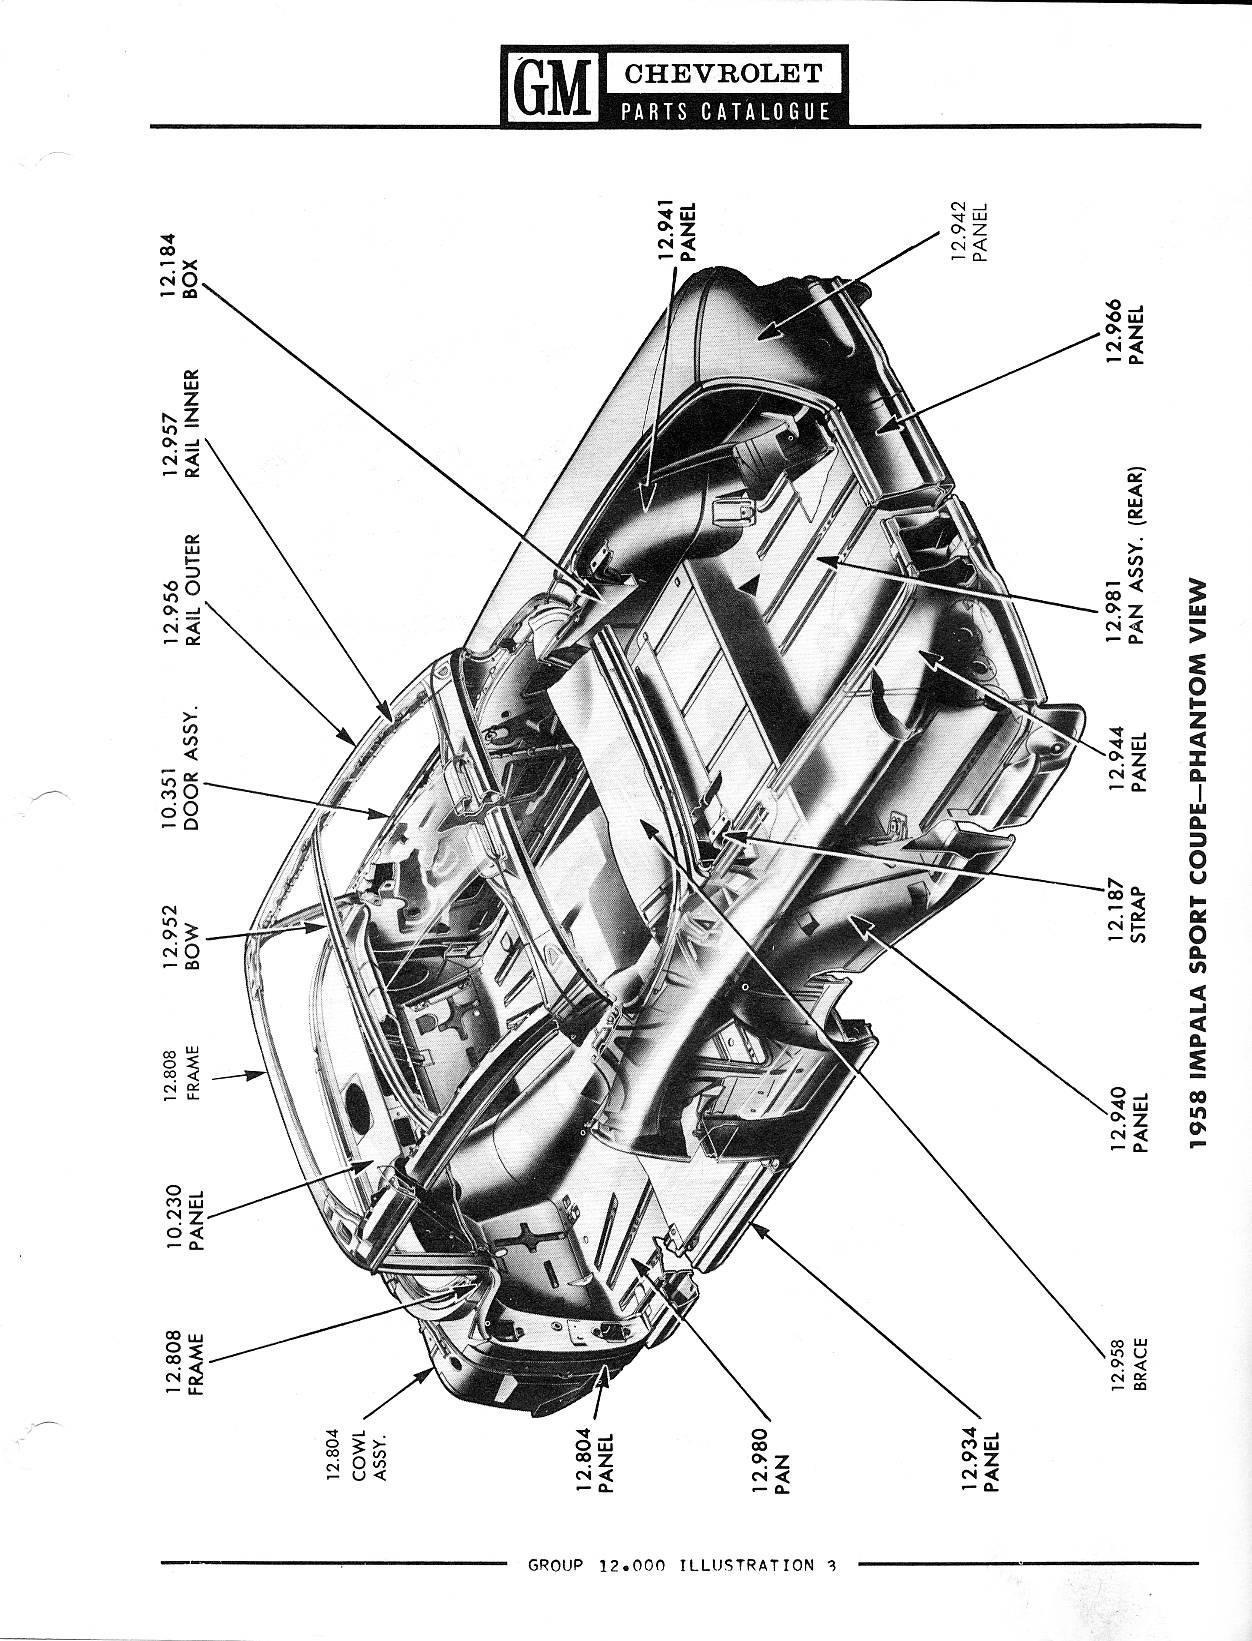 1958 chevy car parts  chevy  autosmoviles com